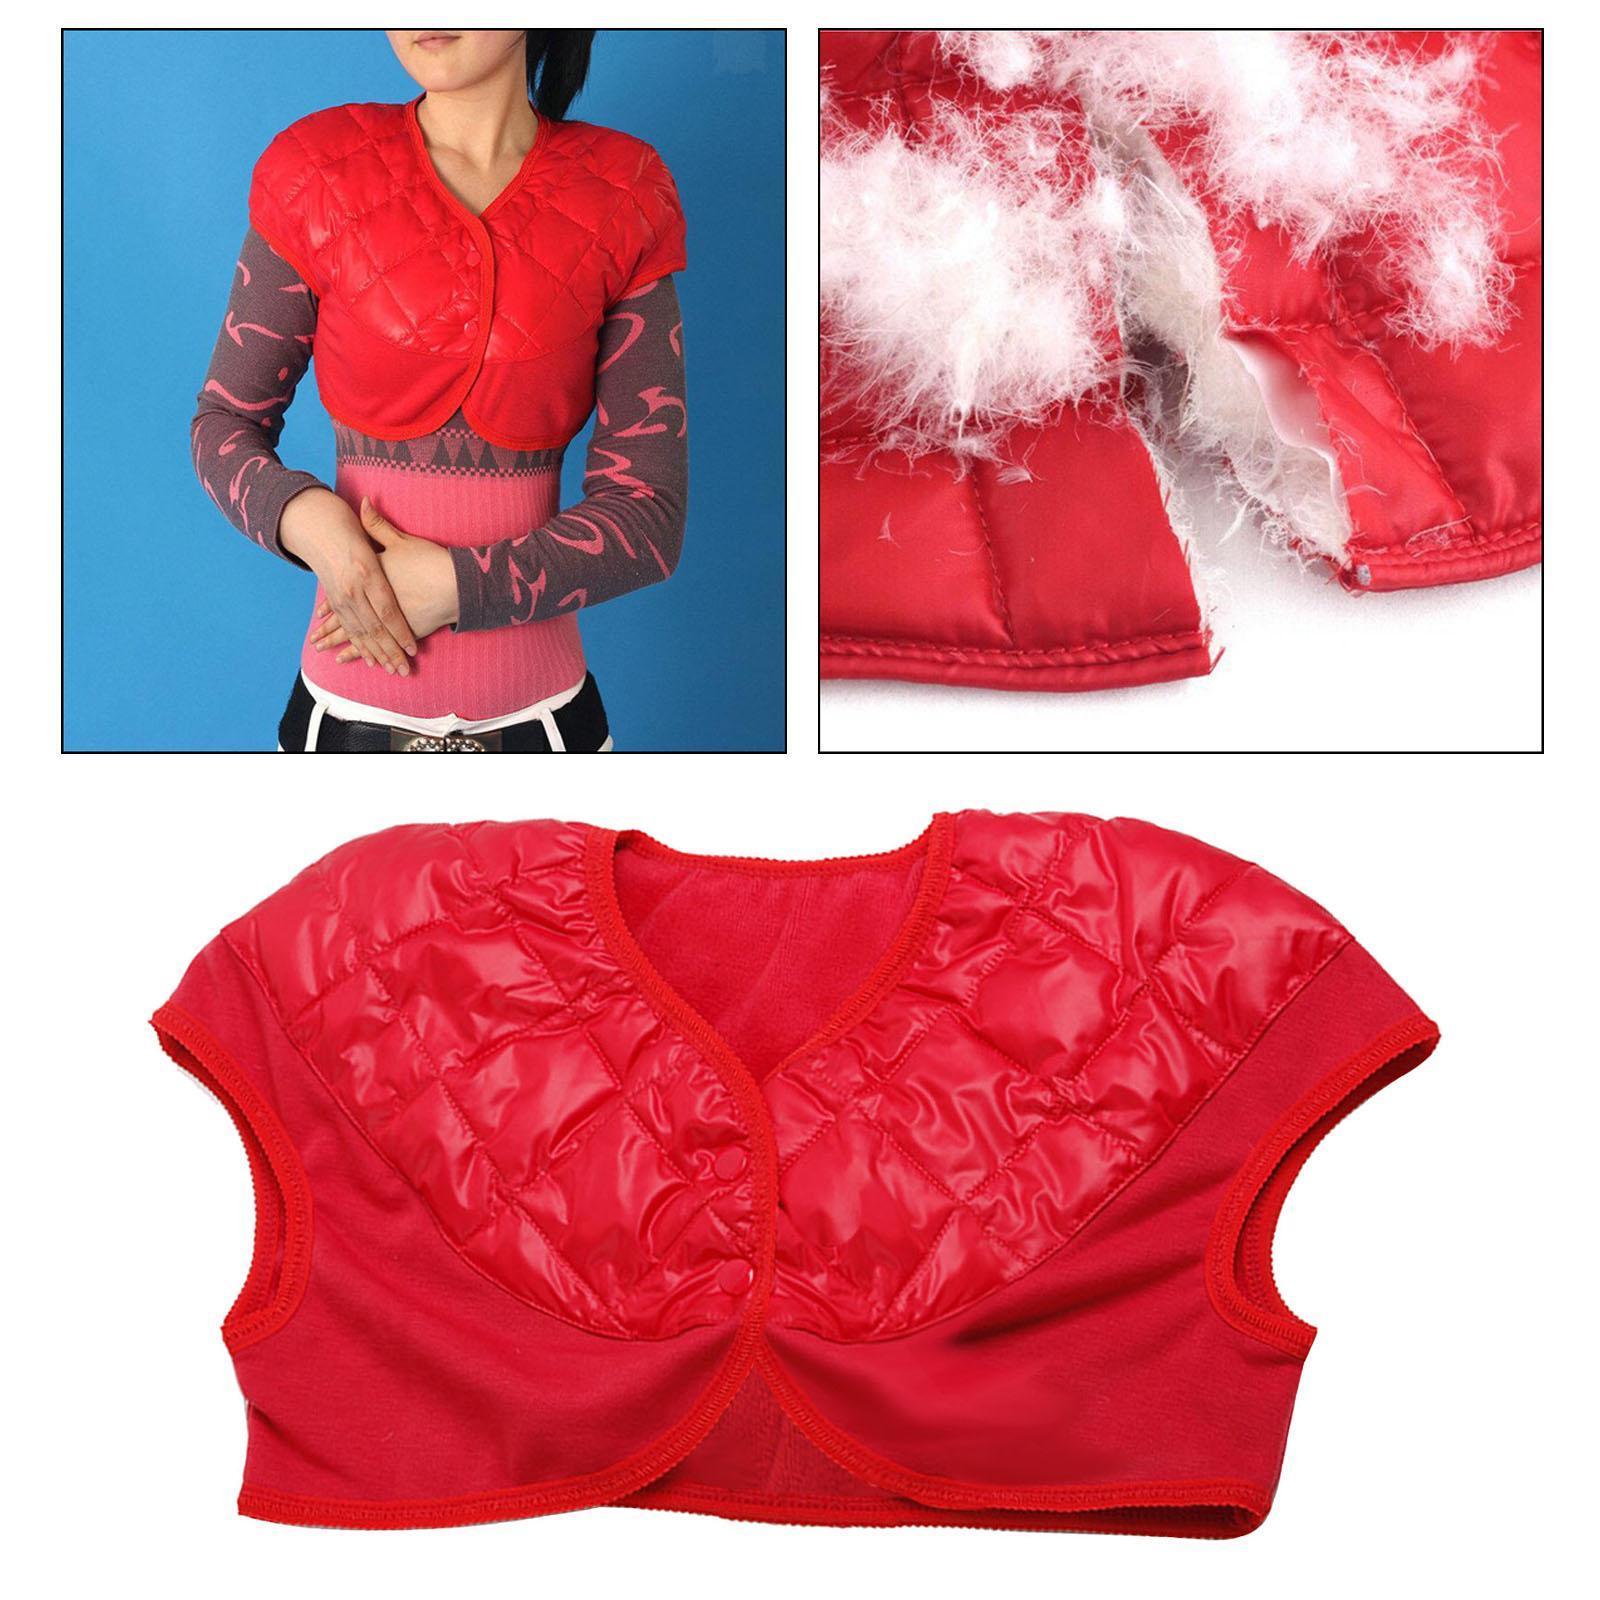 Femmes-Hommes-Down-Jacket-Chaud-Manteau-Court-Epaule-Chaud-Thermique-Wrap miniatura 78